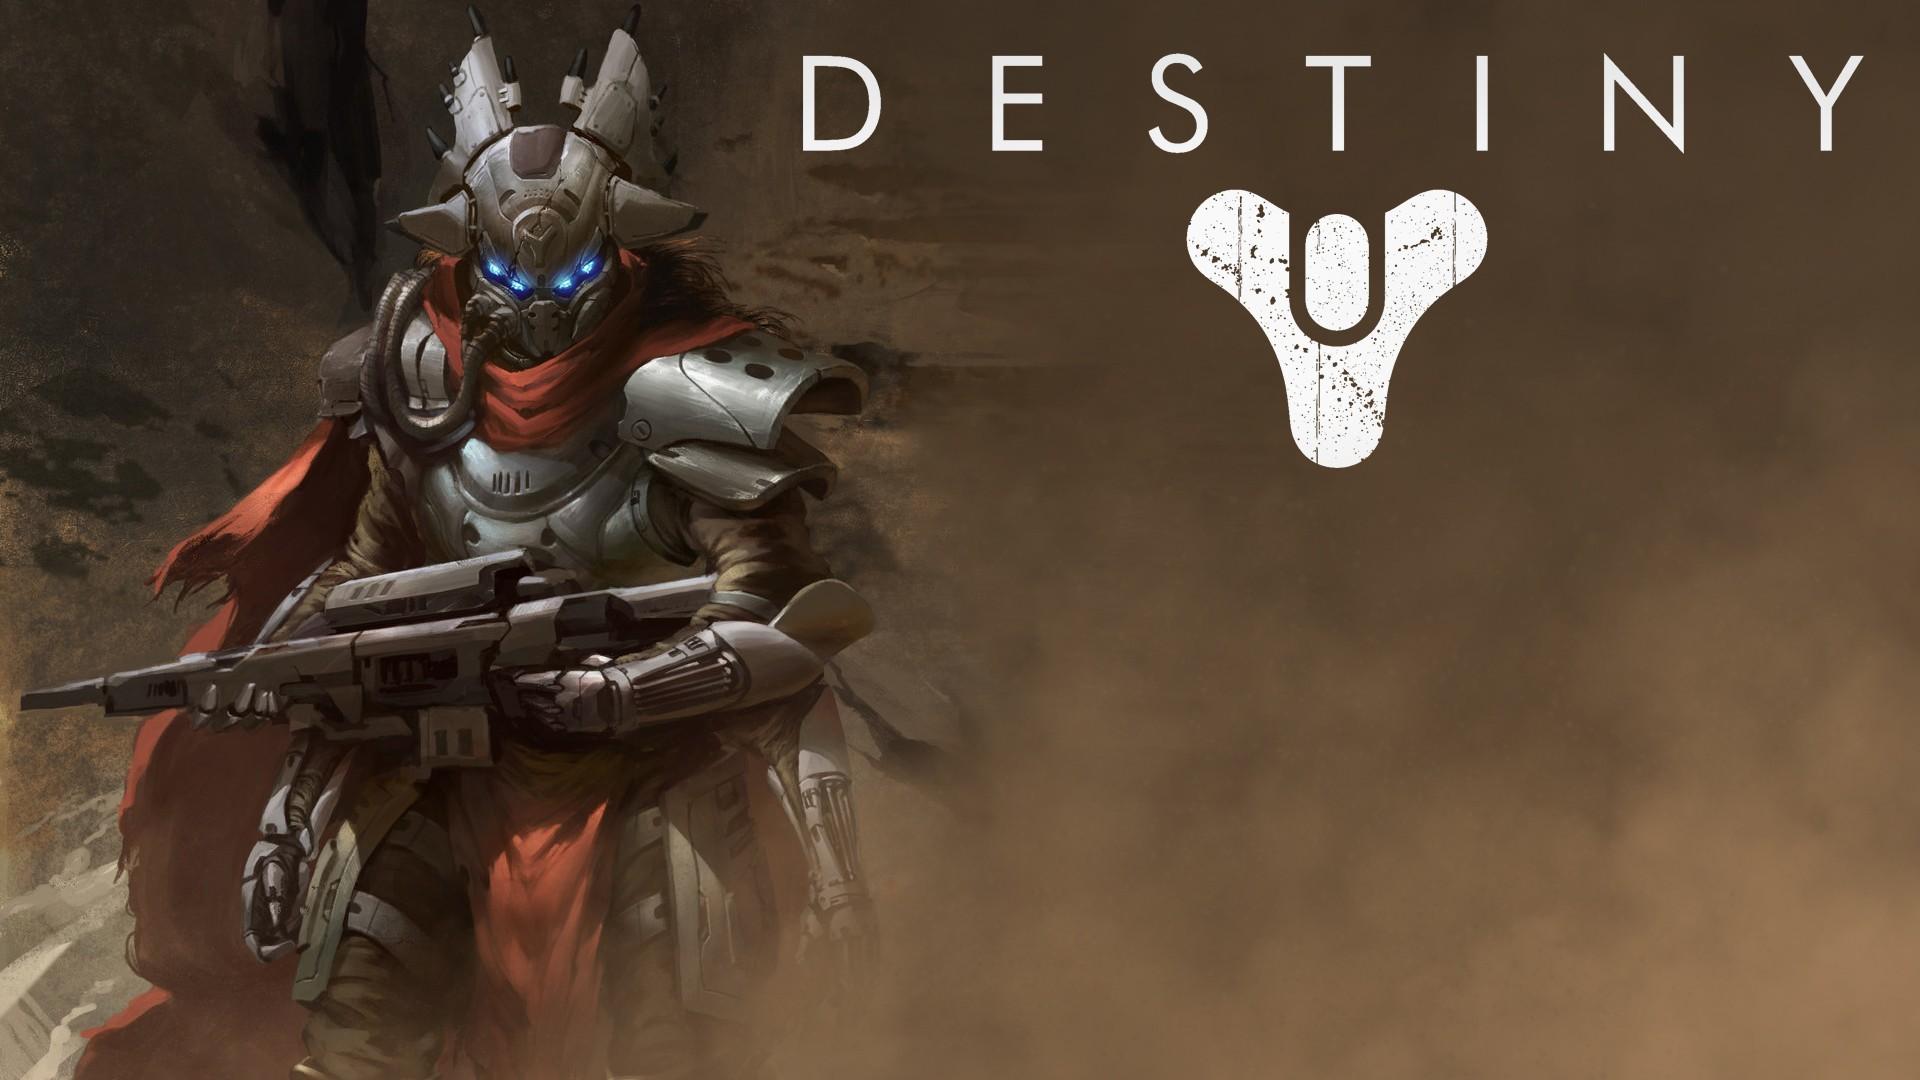 Destiny wallpaper | | 102144 | WallpaperUP